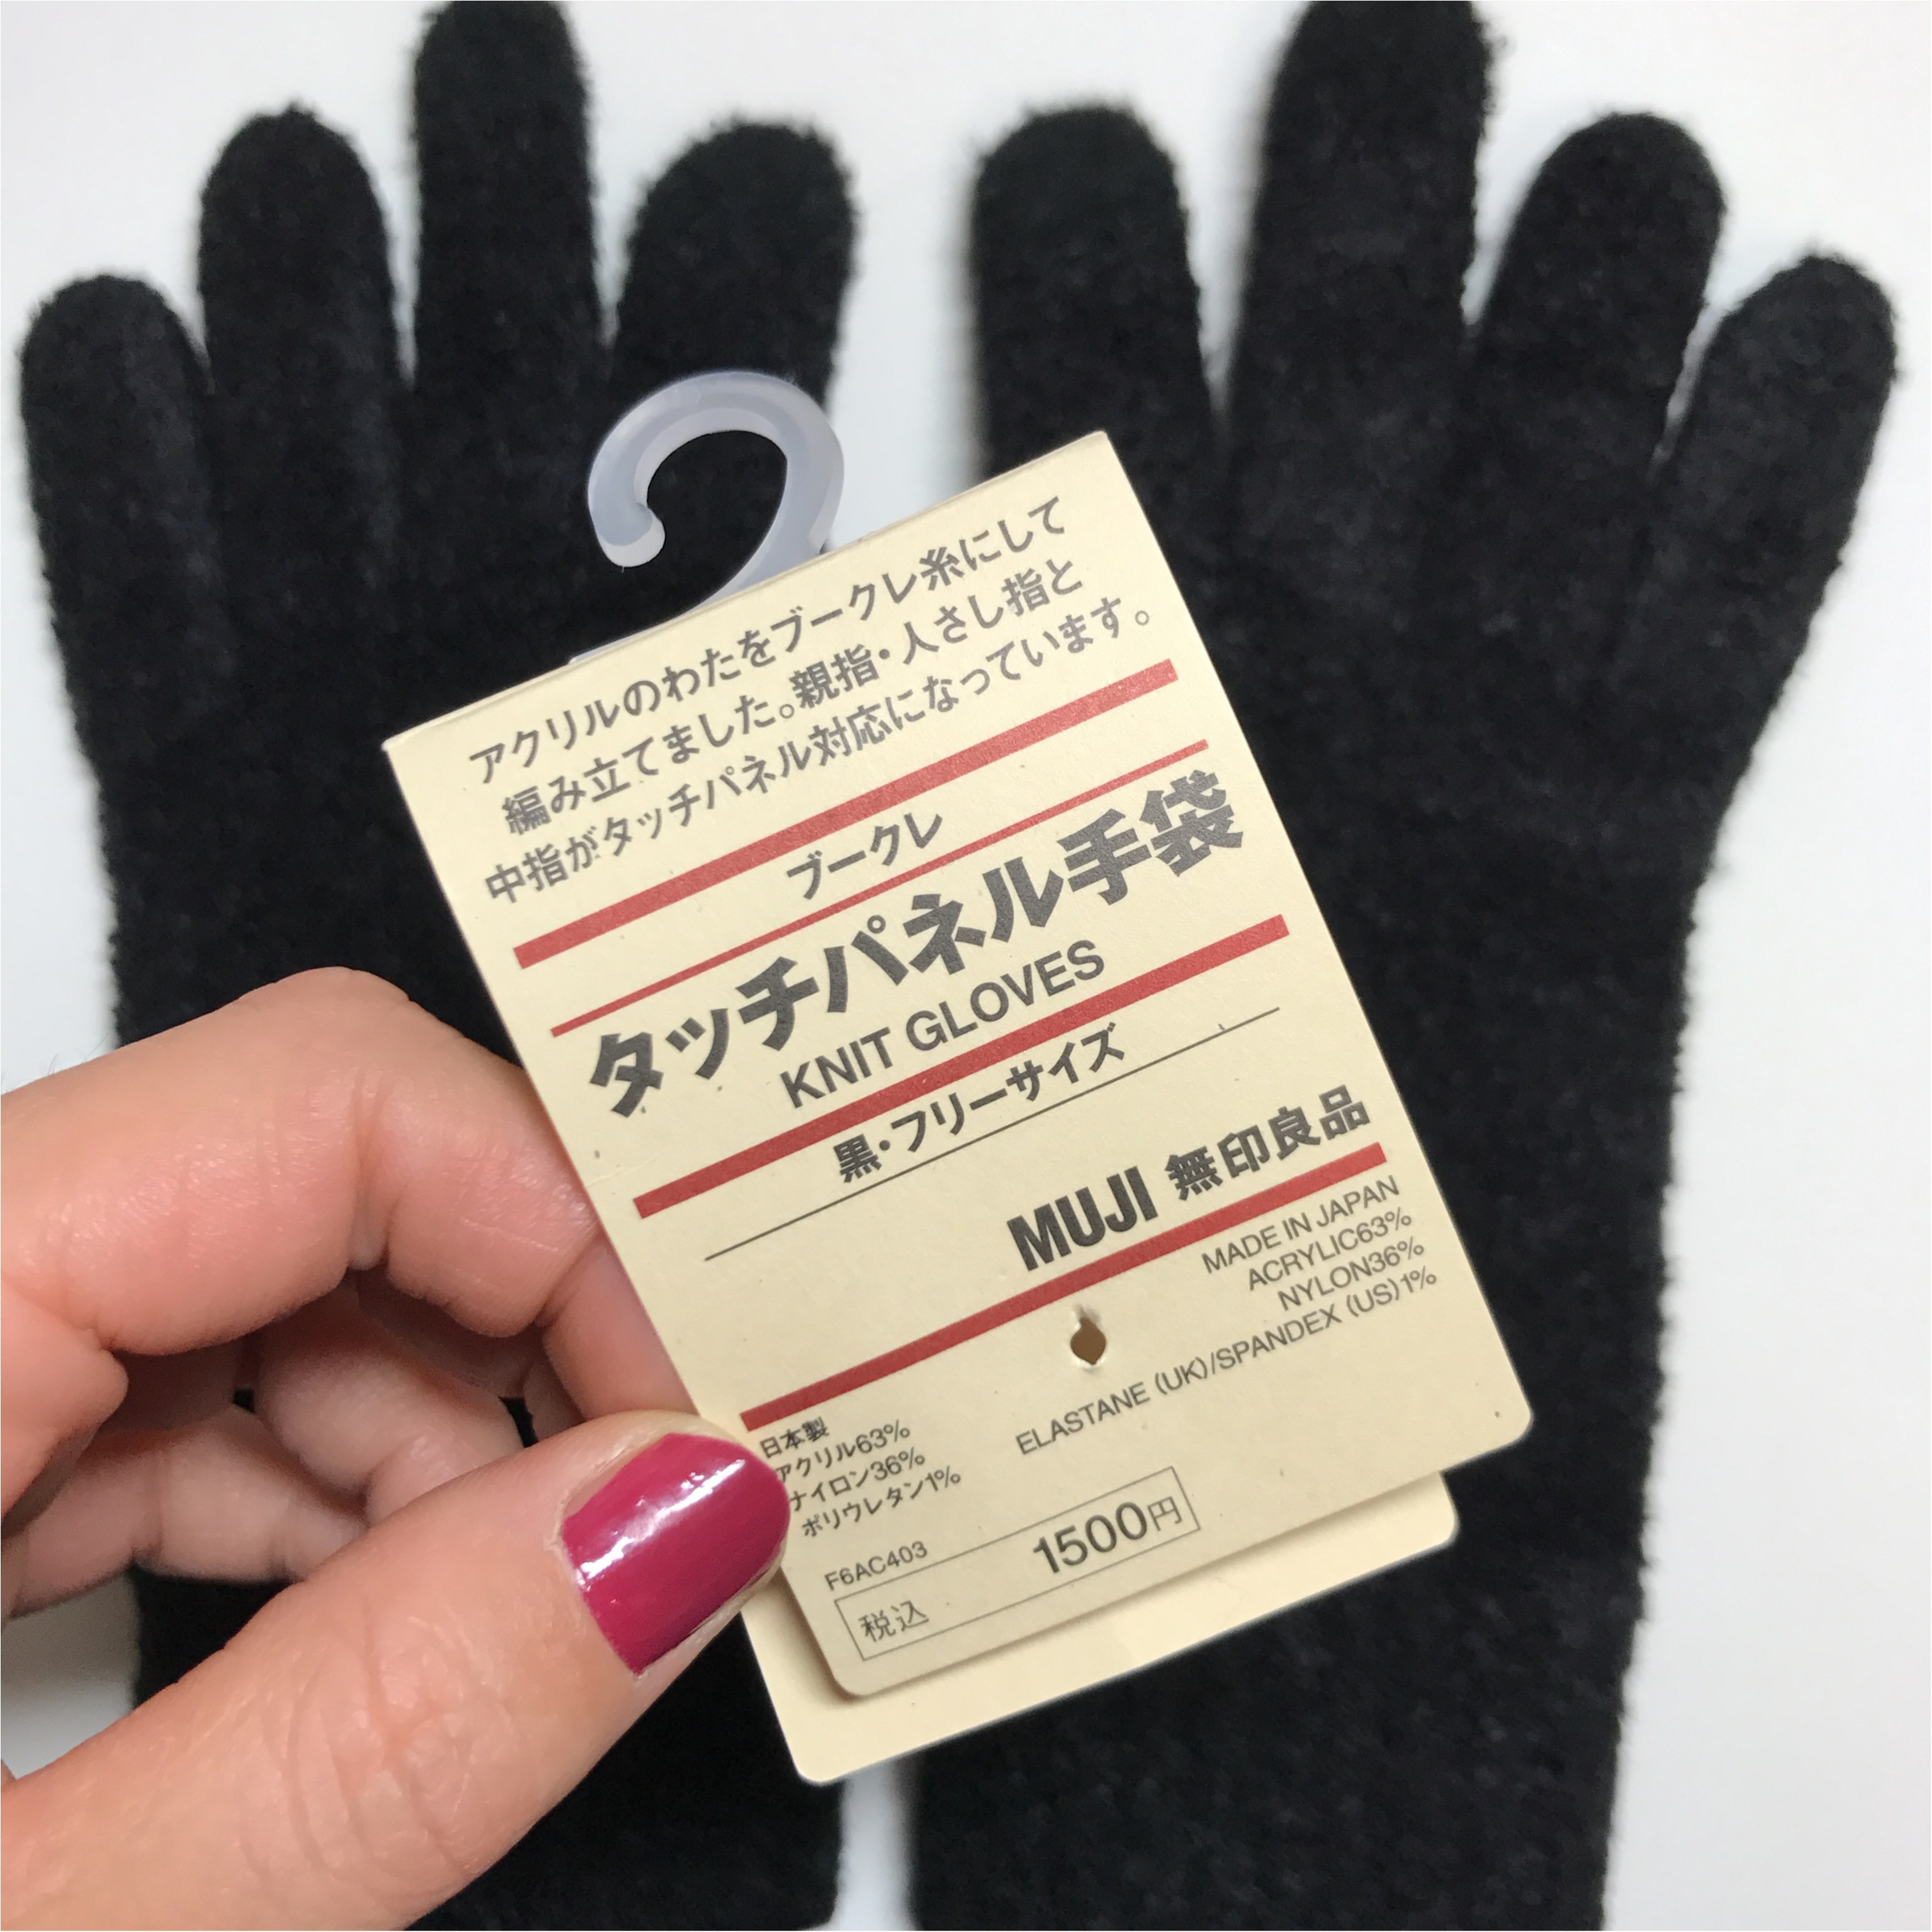 【ワンコインで簡単♪】シンプル手袋を可愛くリメイク❤︎_2